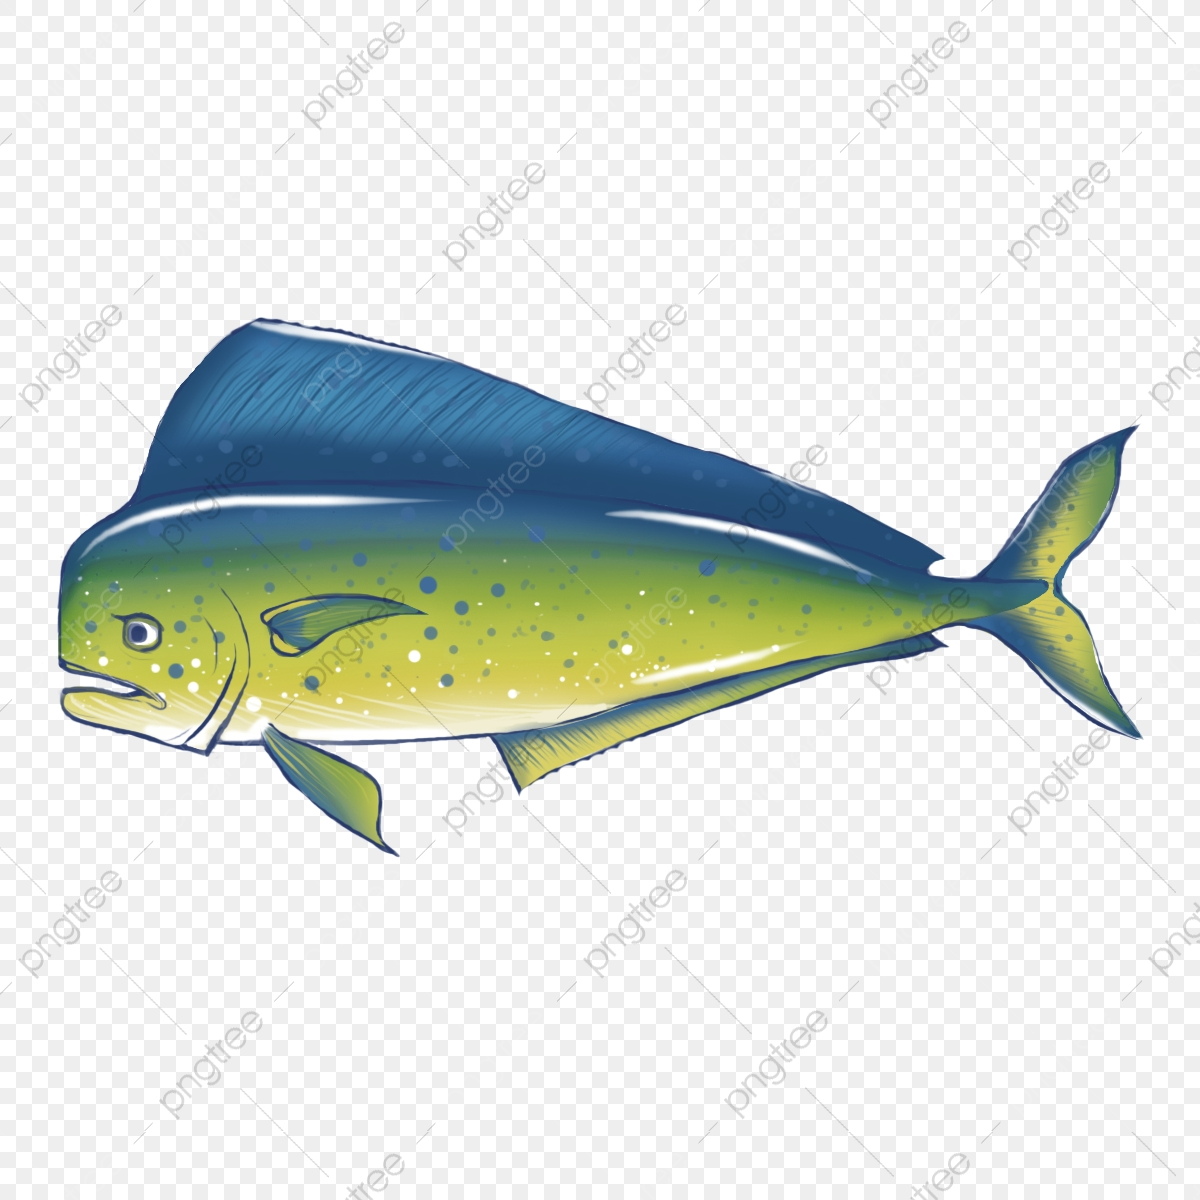 Mahi Stock Illustrations – 208 Mahi Stock Illustrations, Vectors & Clipart  - Dreamstime